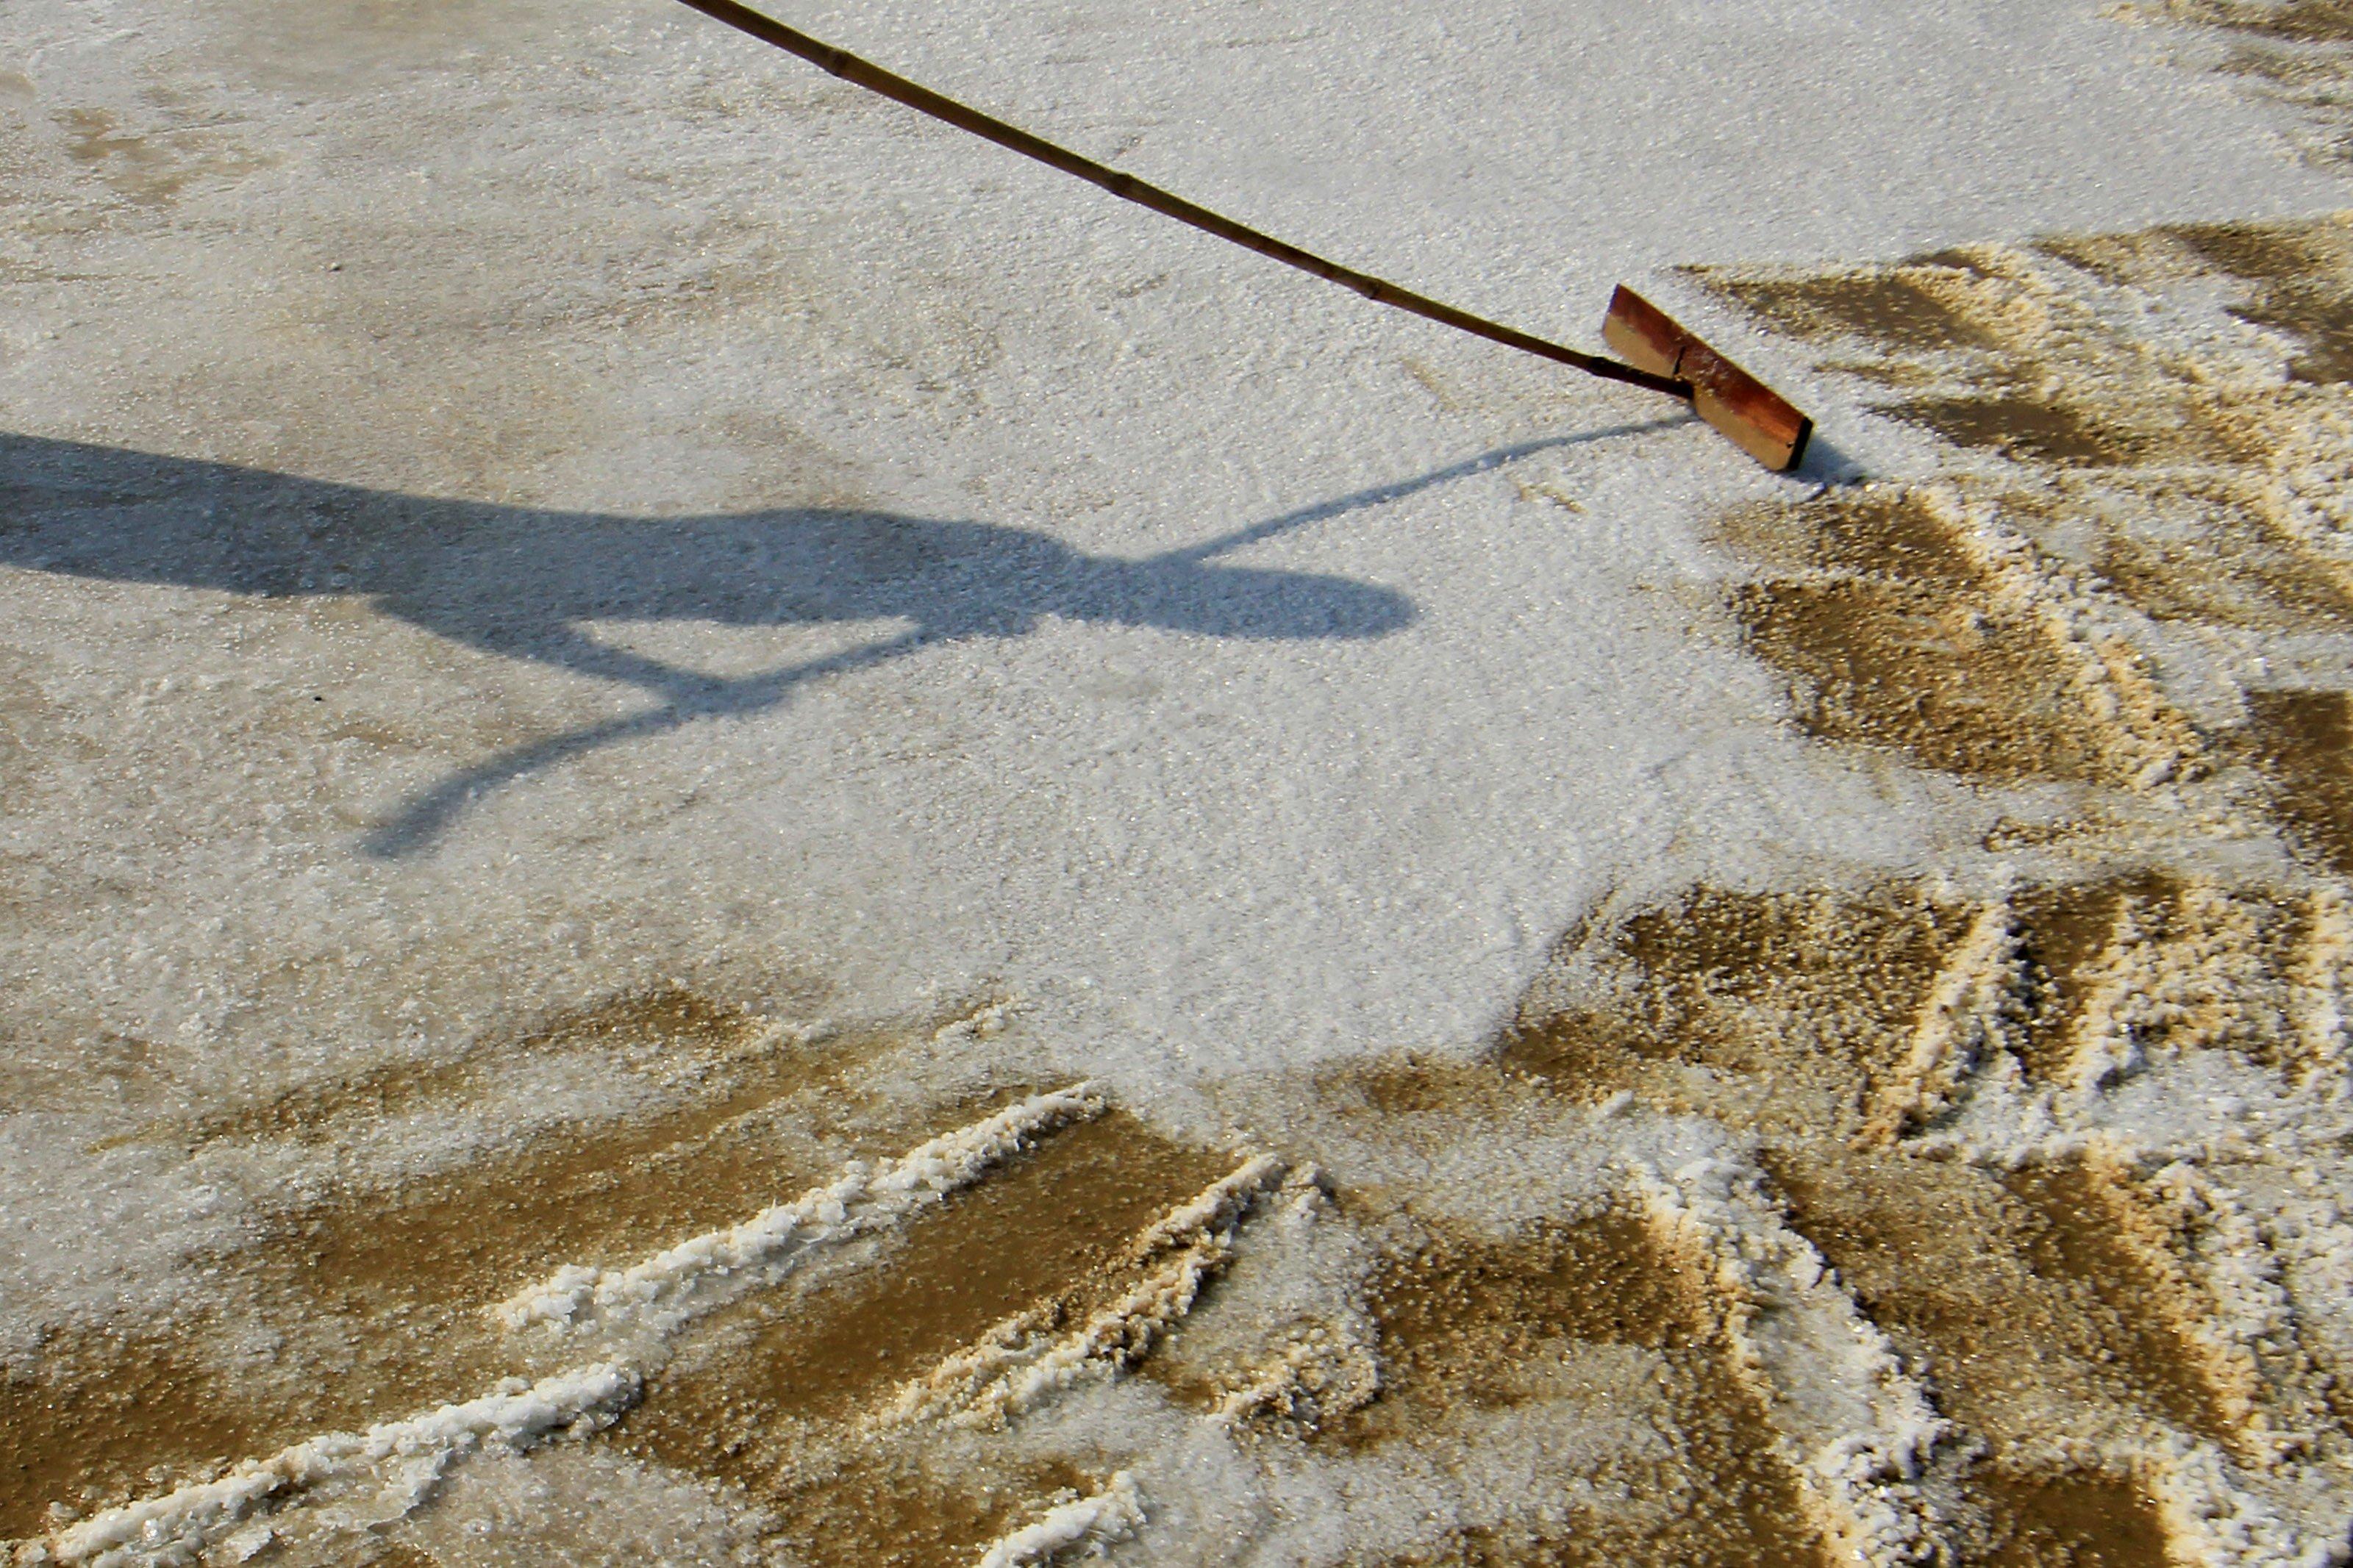 Setelah air mengering dan berubah jadi kristal berwarna putih, barulah petani memanen garam untuk dijual.